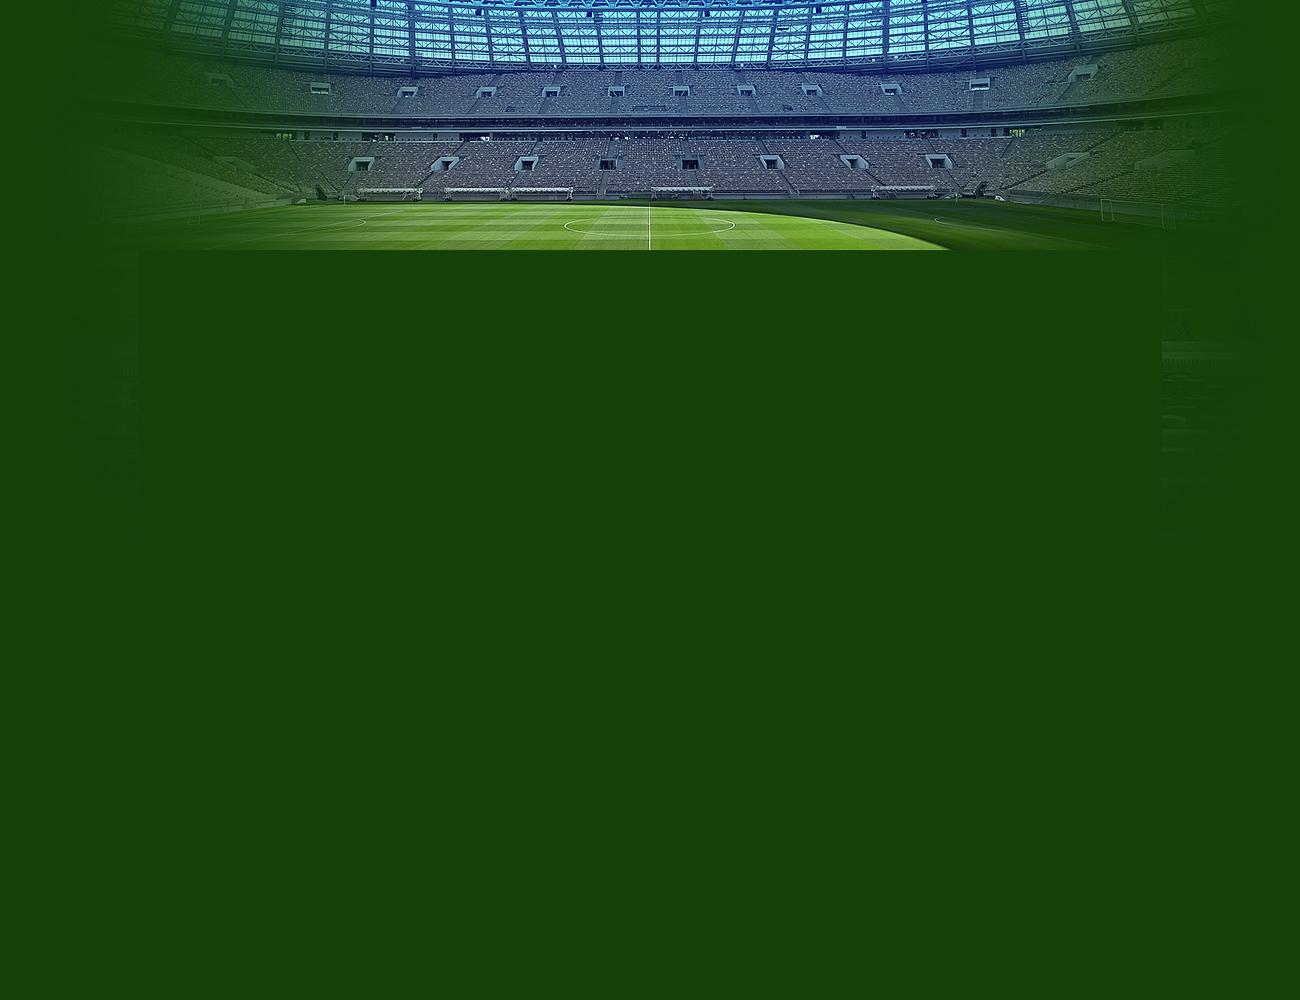 Лига чемпионов. Пролог матчей вторника